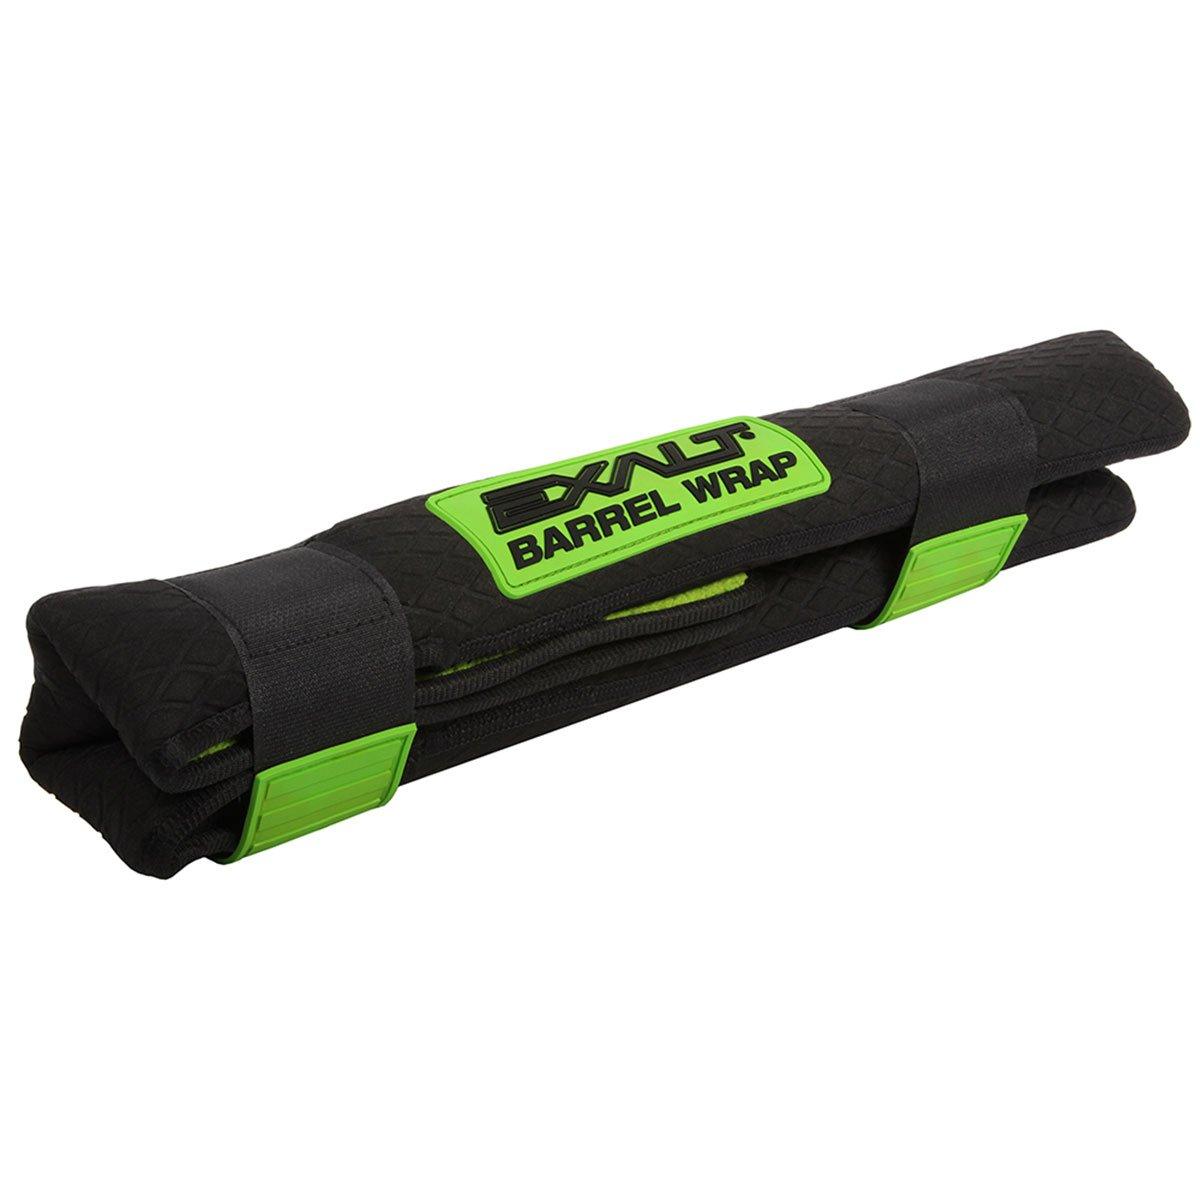 Exalt Paintball Barrel Wrap - Black / Lime